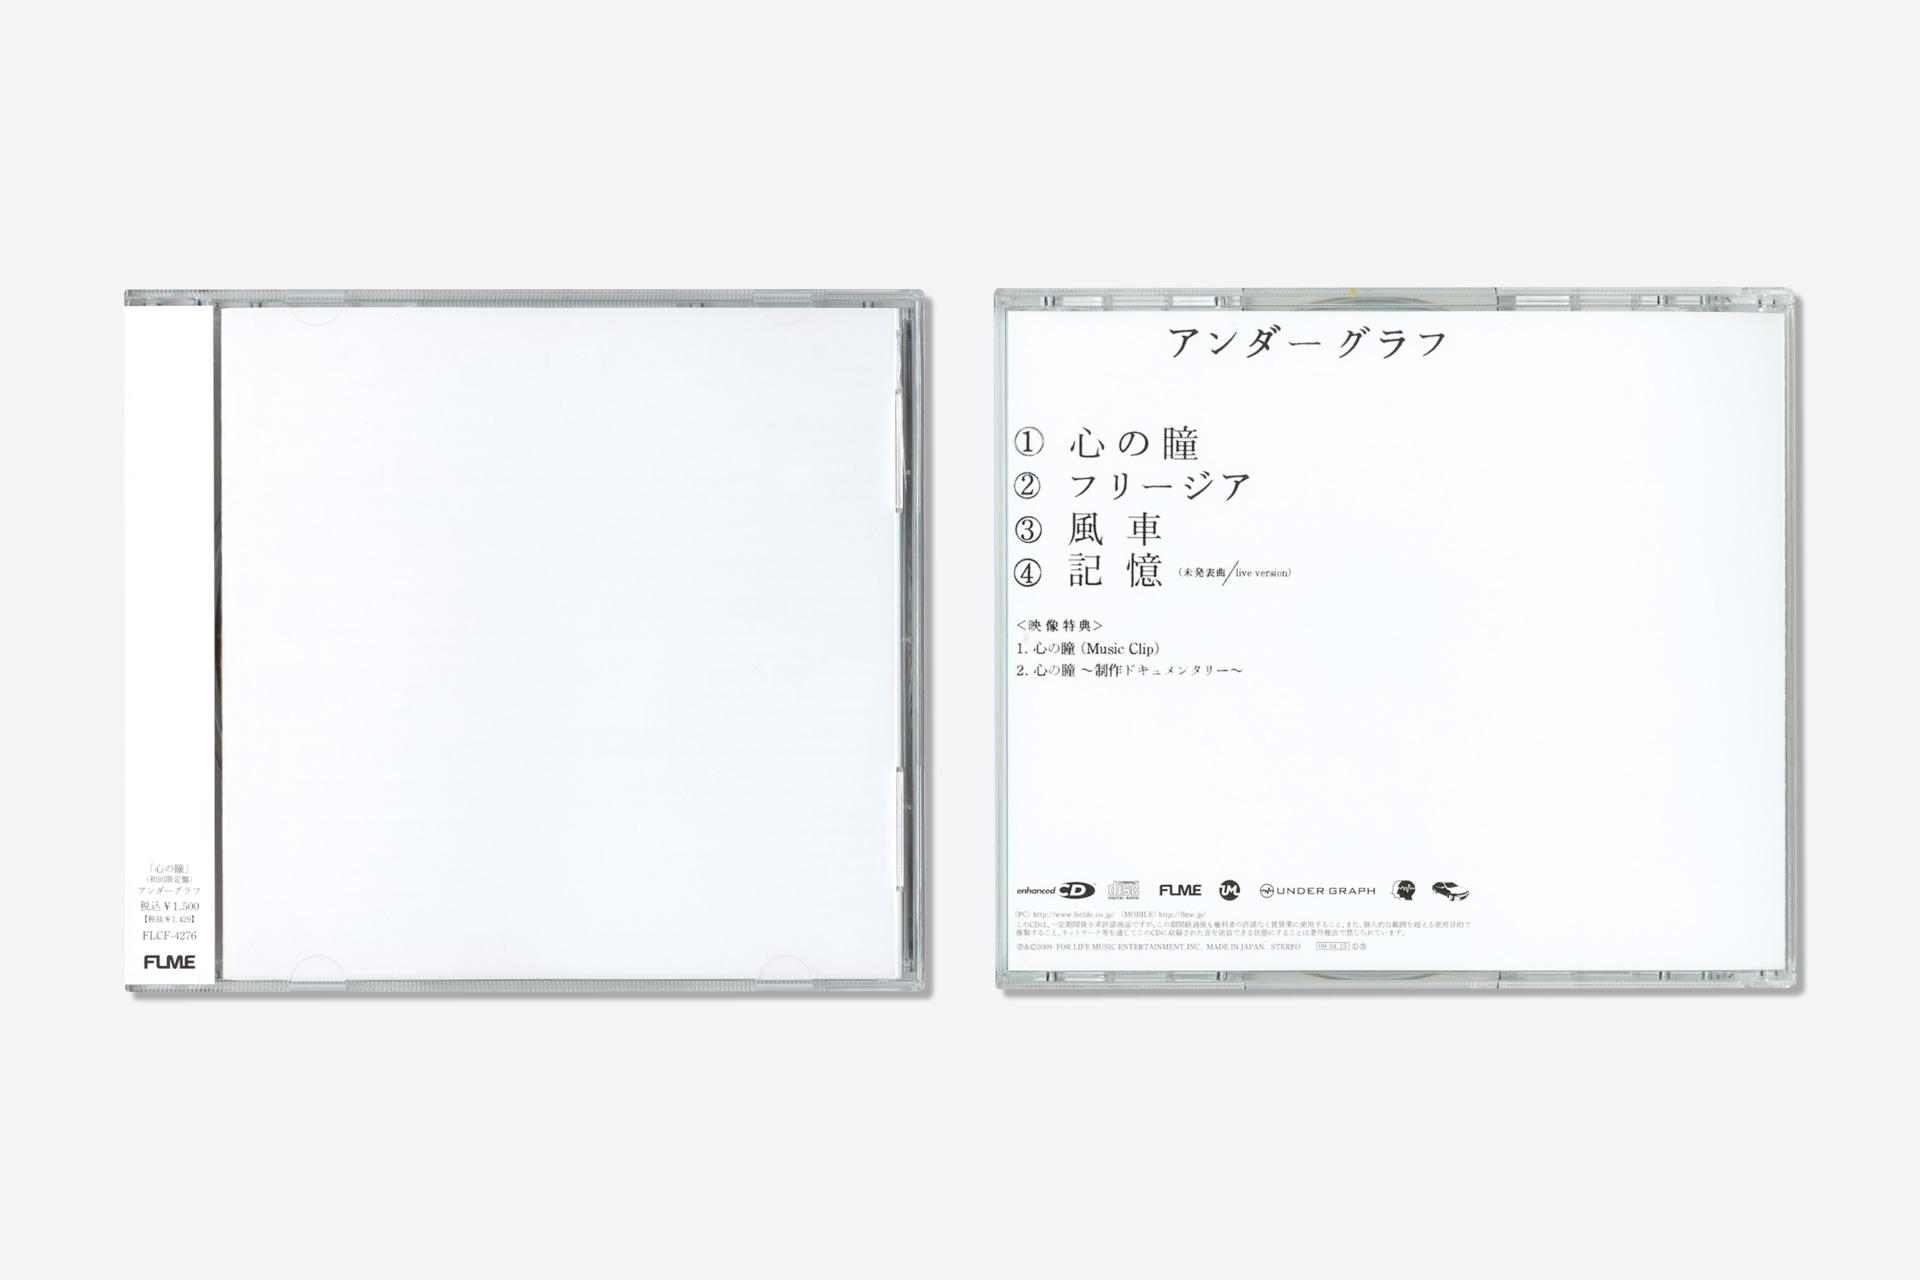 心の瞳 / アンダーグラフ